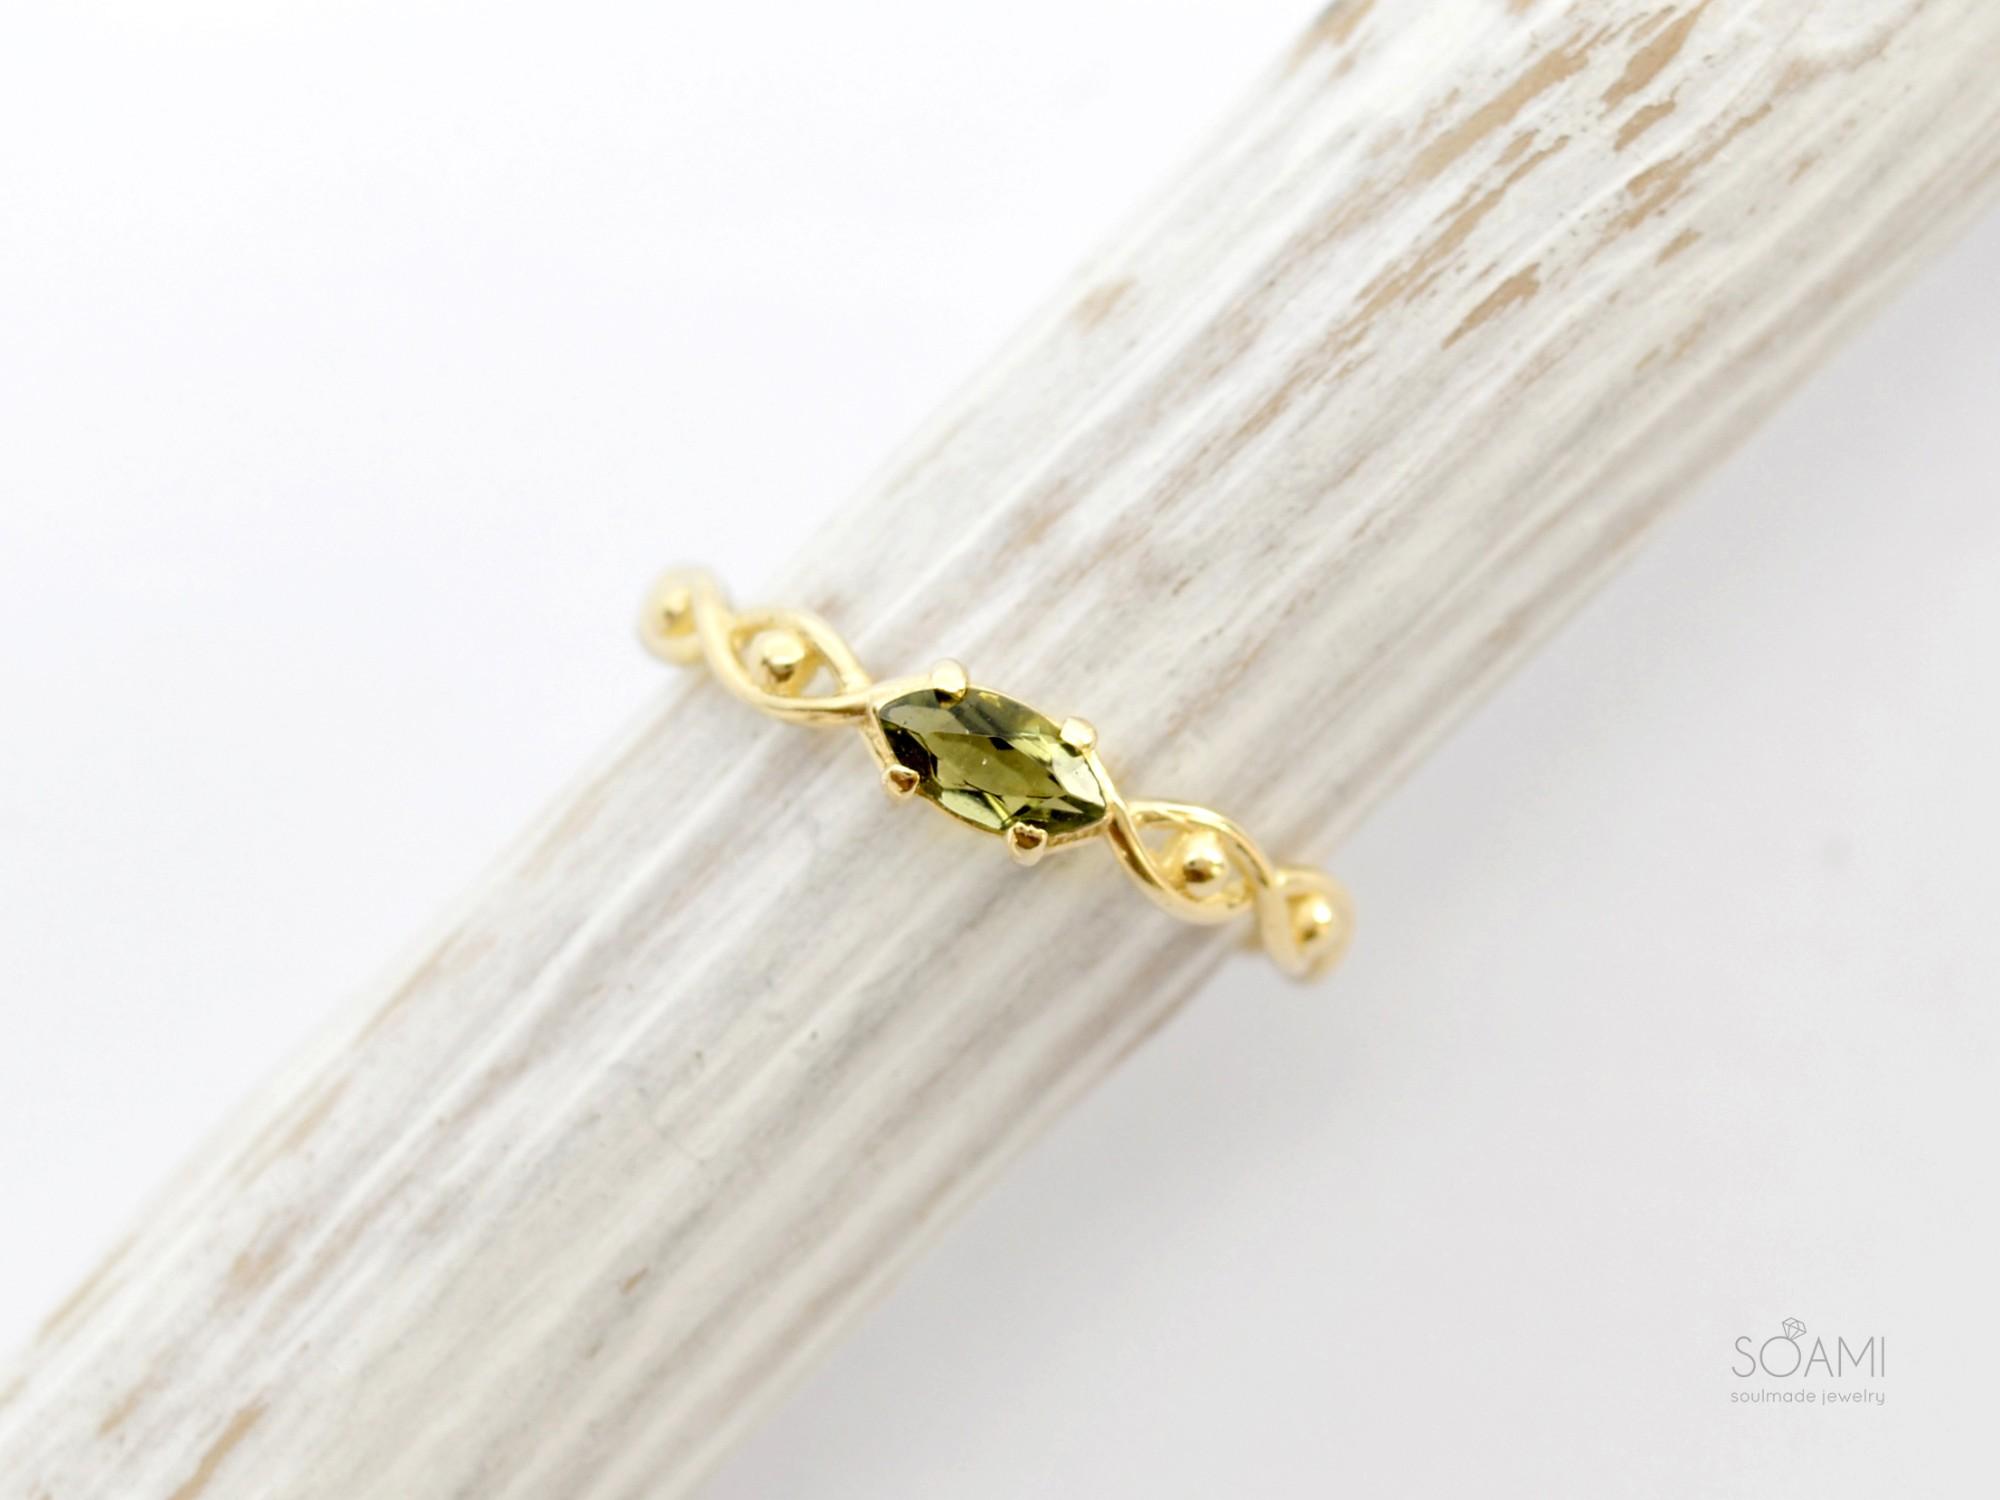 585 zlatý prsten s přírodním vltavínem Oko